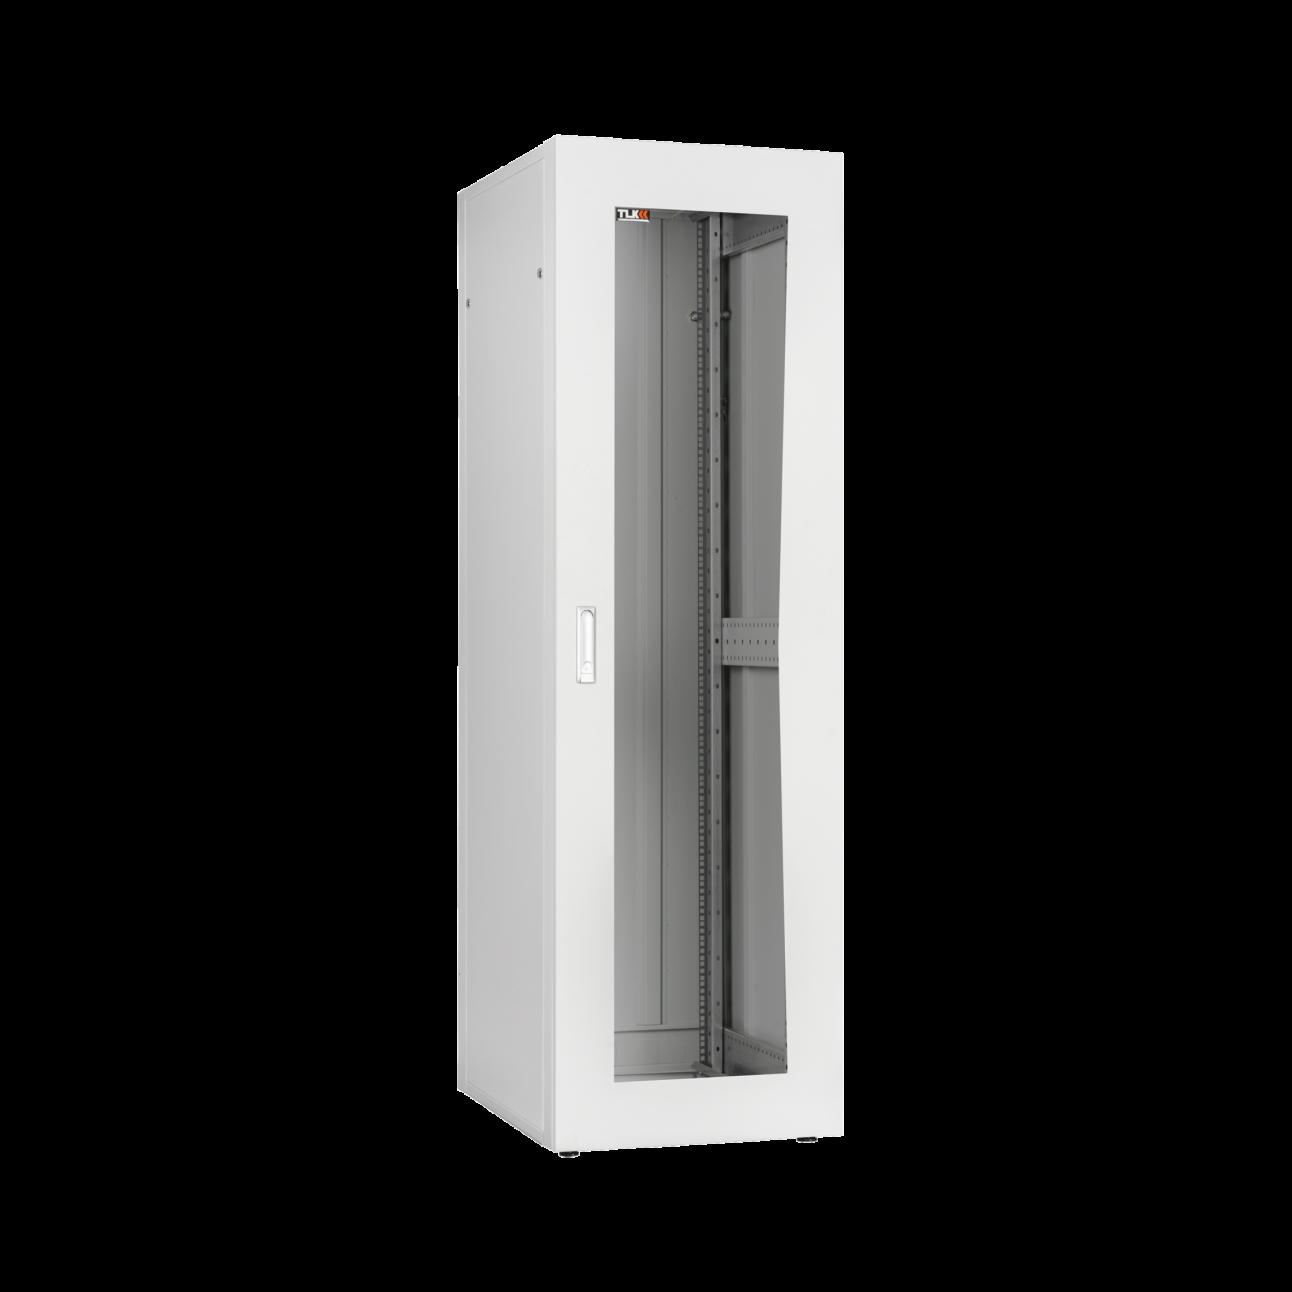 """Напольный шкаф серии Lite 19"""", 33U, стеклянная дверь, Ш600хВ1567хГ800мм, в разобранном виде, серый"""